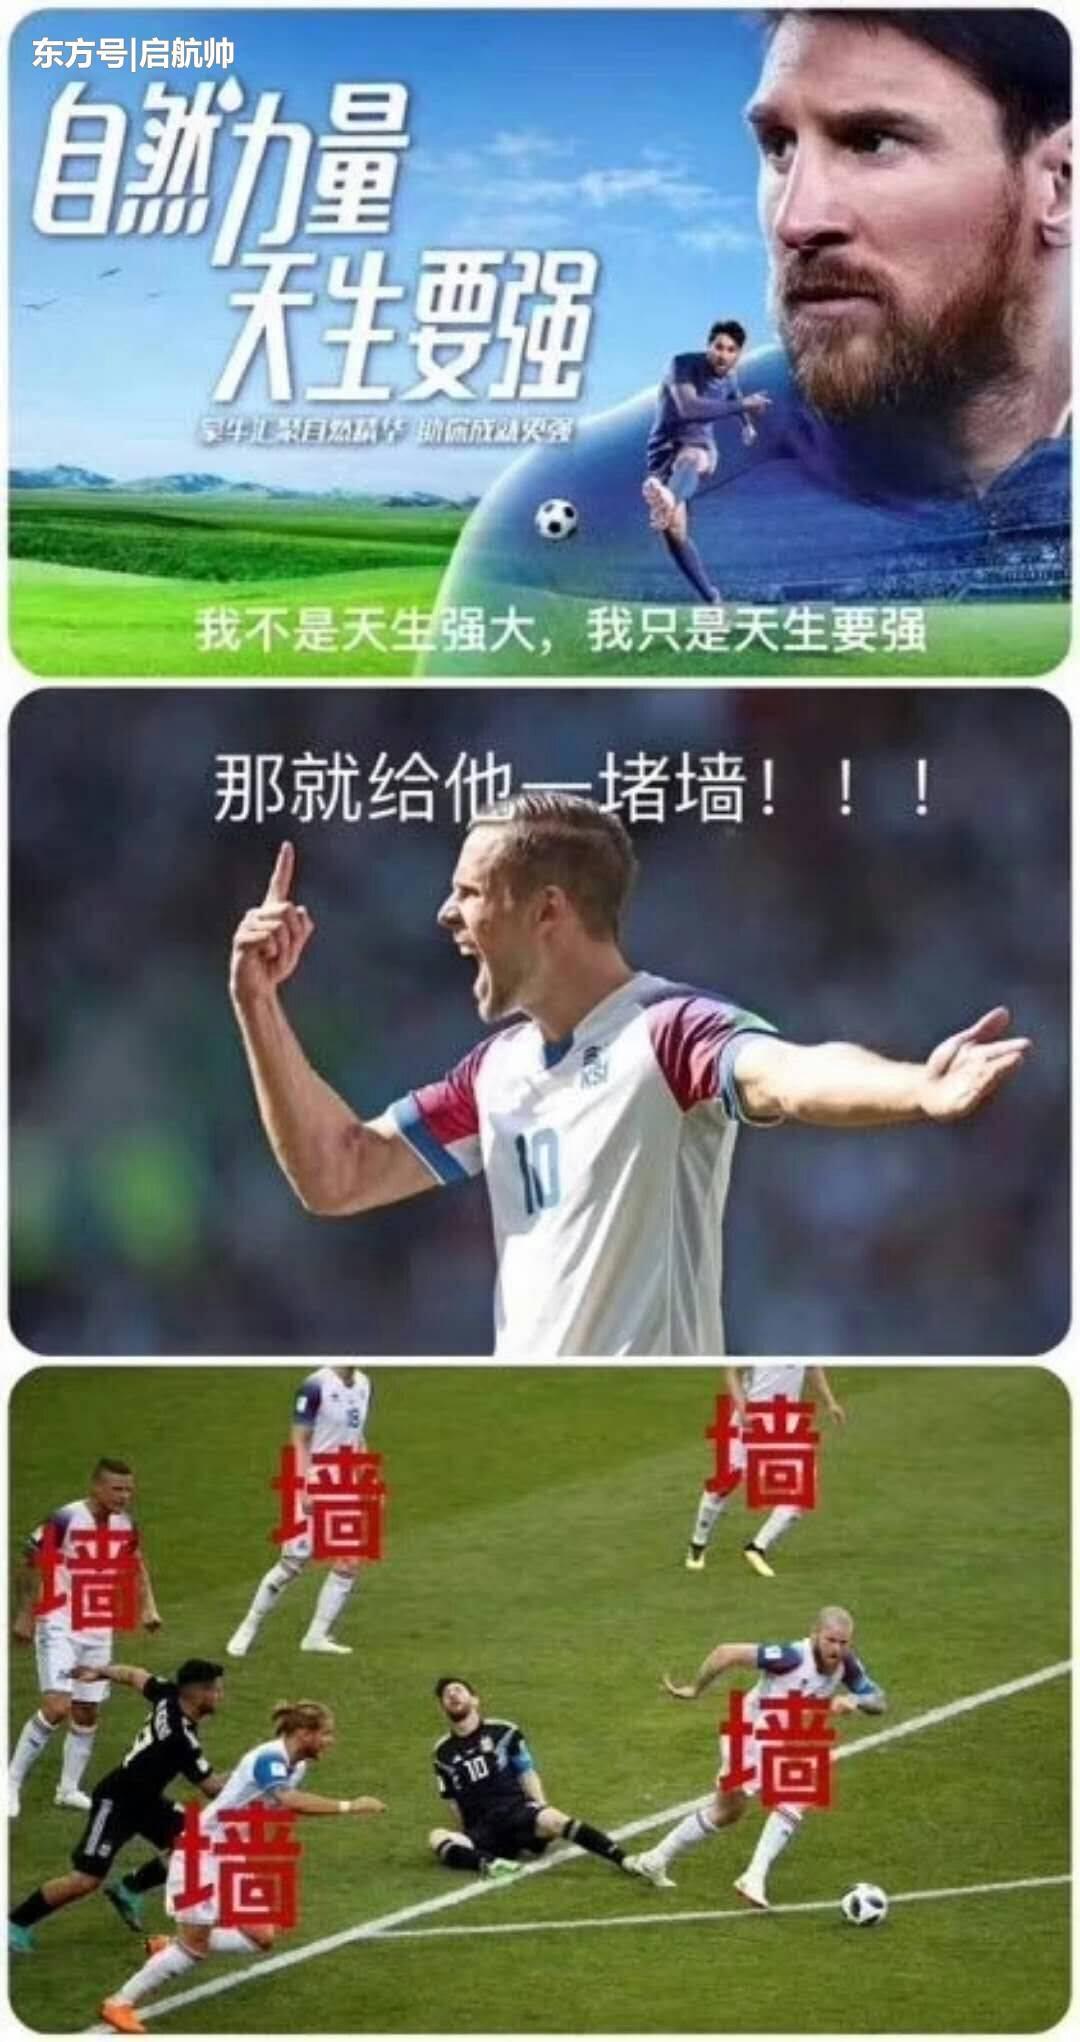 北京赛车官网直播:怀上世界杯球员孩子的女子能得三百万大奖!俄汉堡王广告很低俗